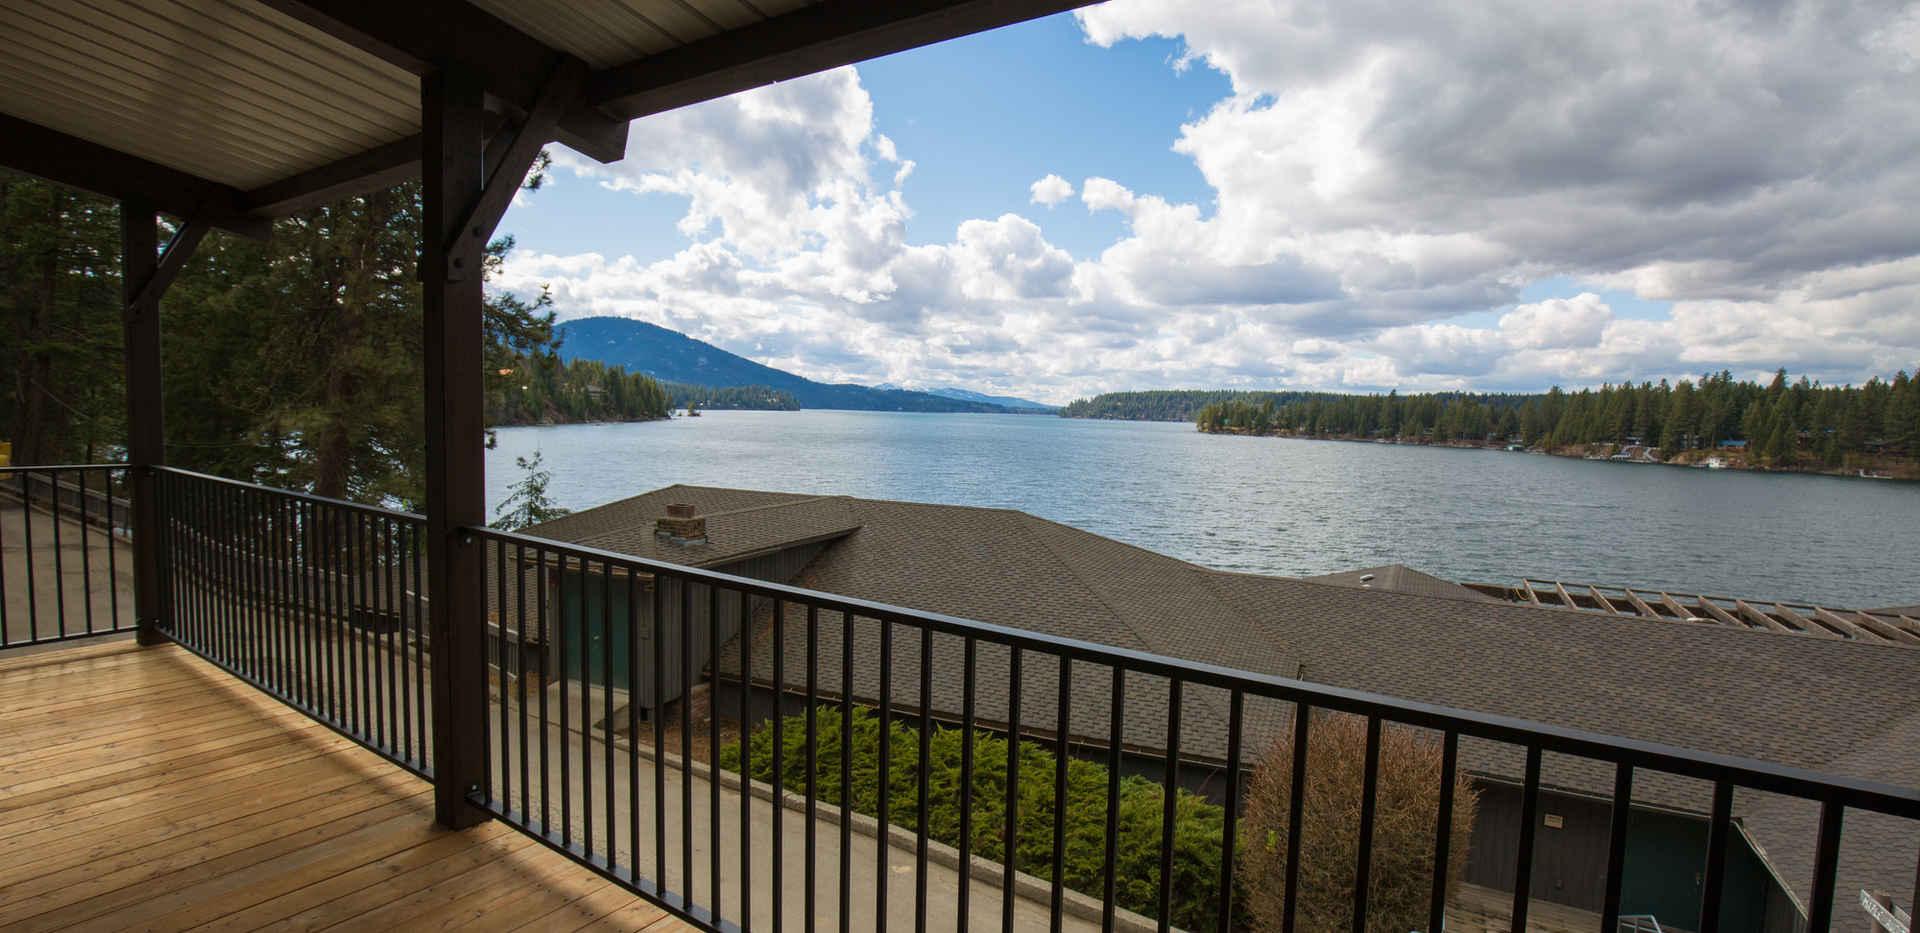 Pine & Fir Porch View